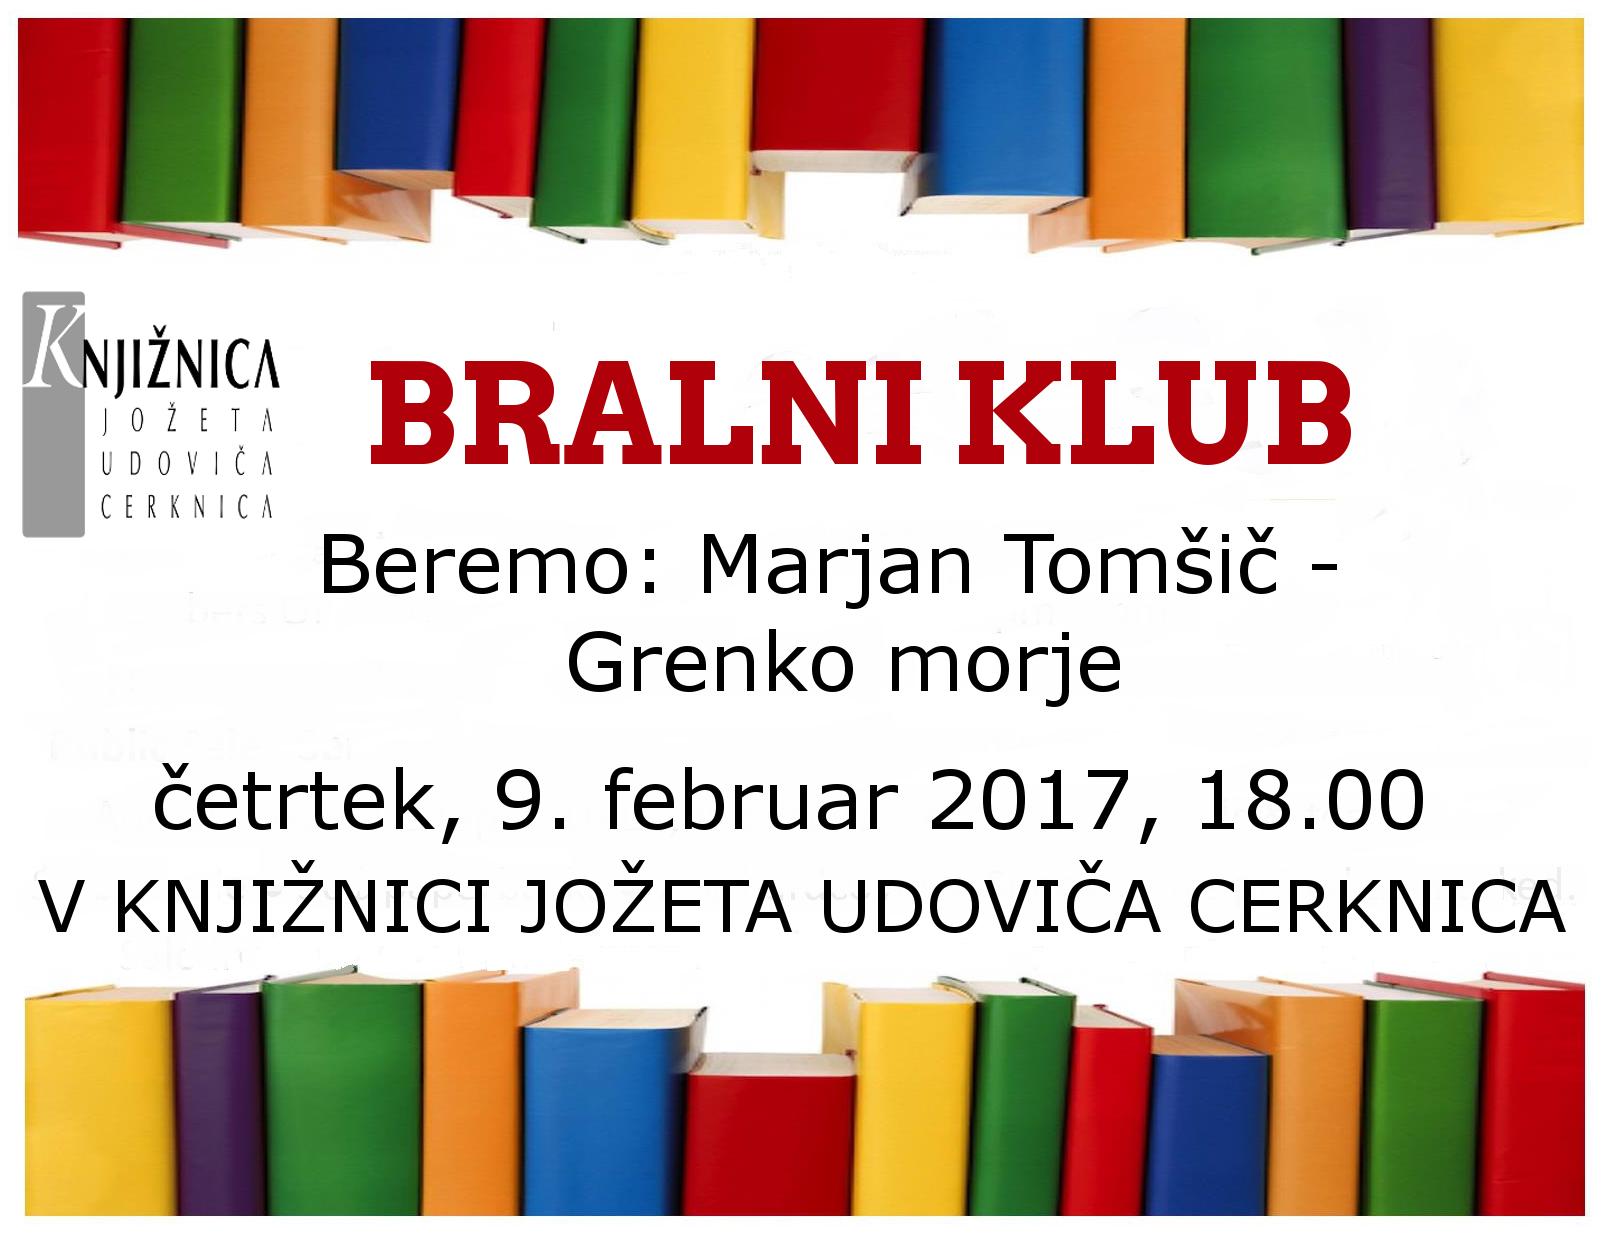 vabilo 6sestanek - Bralni klub: Marjan Tomšič - Grenko morje